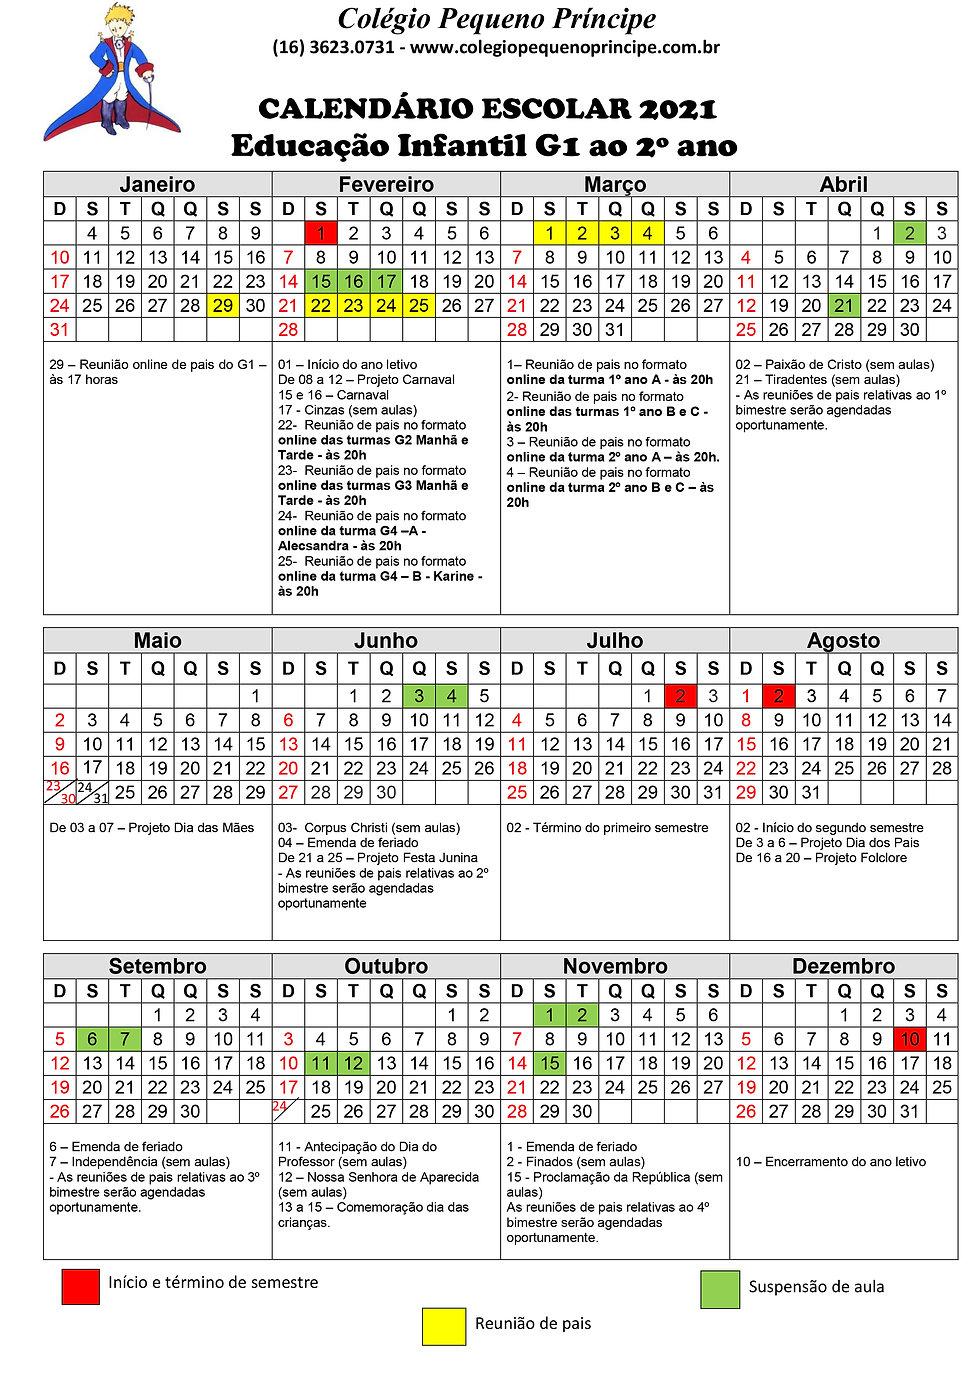 Calendário Escolar G1 ao 2ºa no 2021.jp